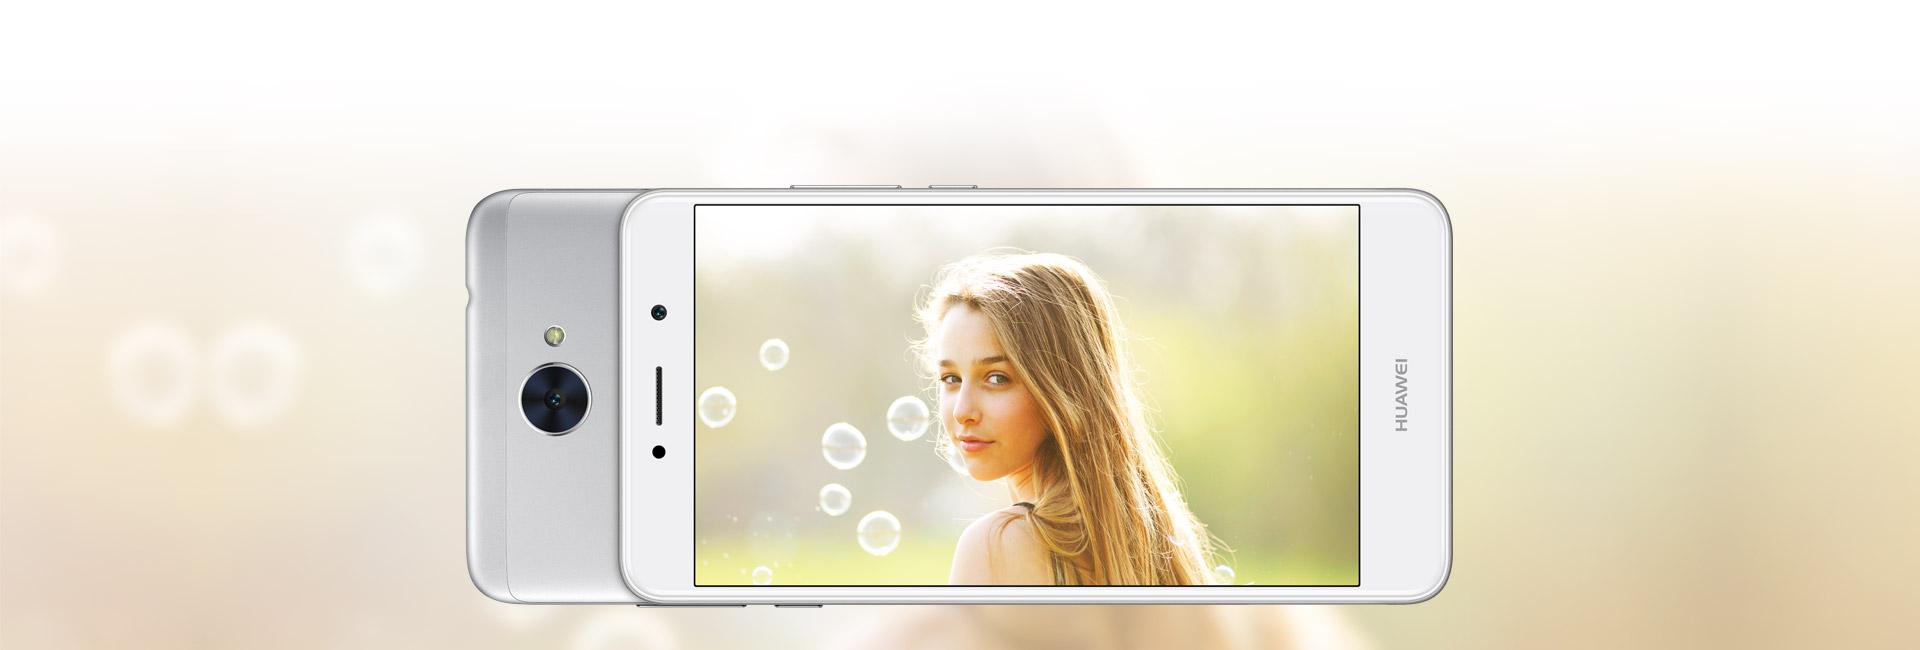 Špičková kamera na zádech díky které už nezmeškáte žádný okamžik, pouze s Huawei Y7